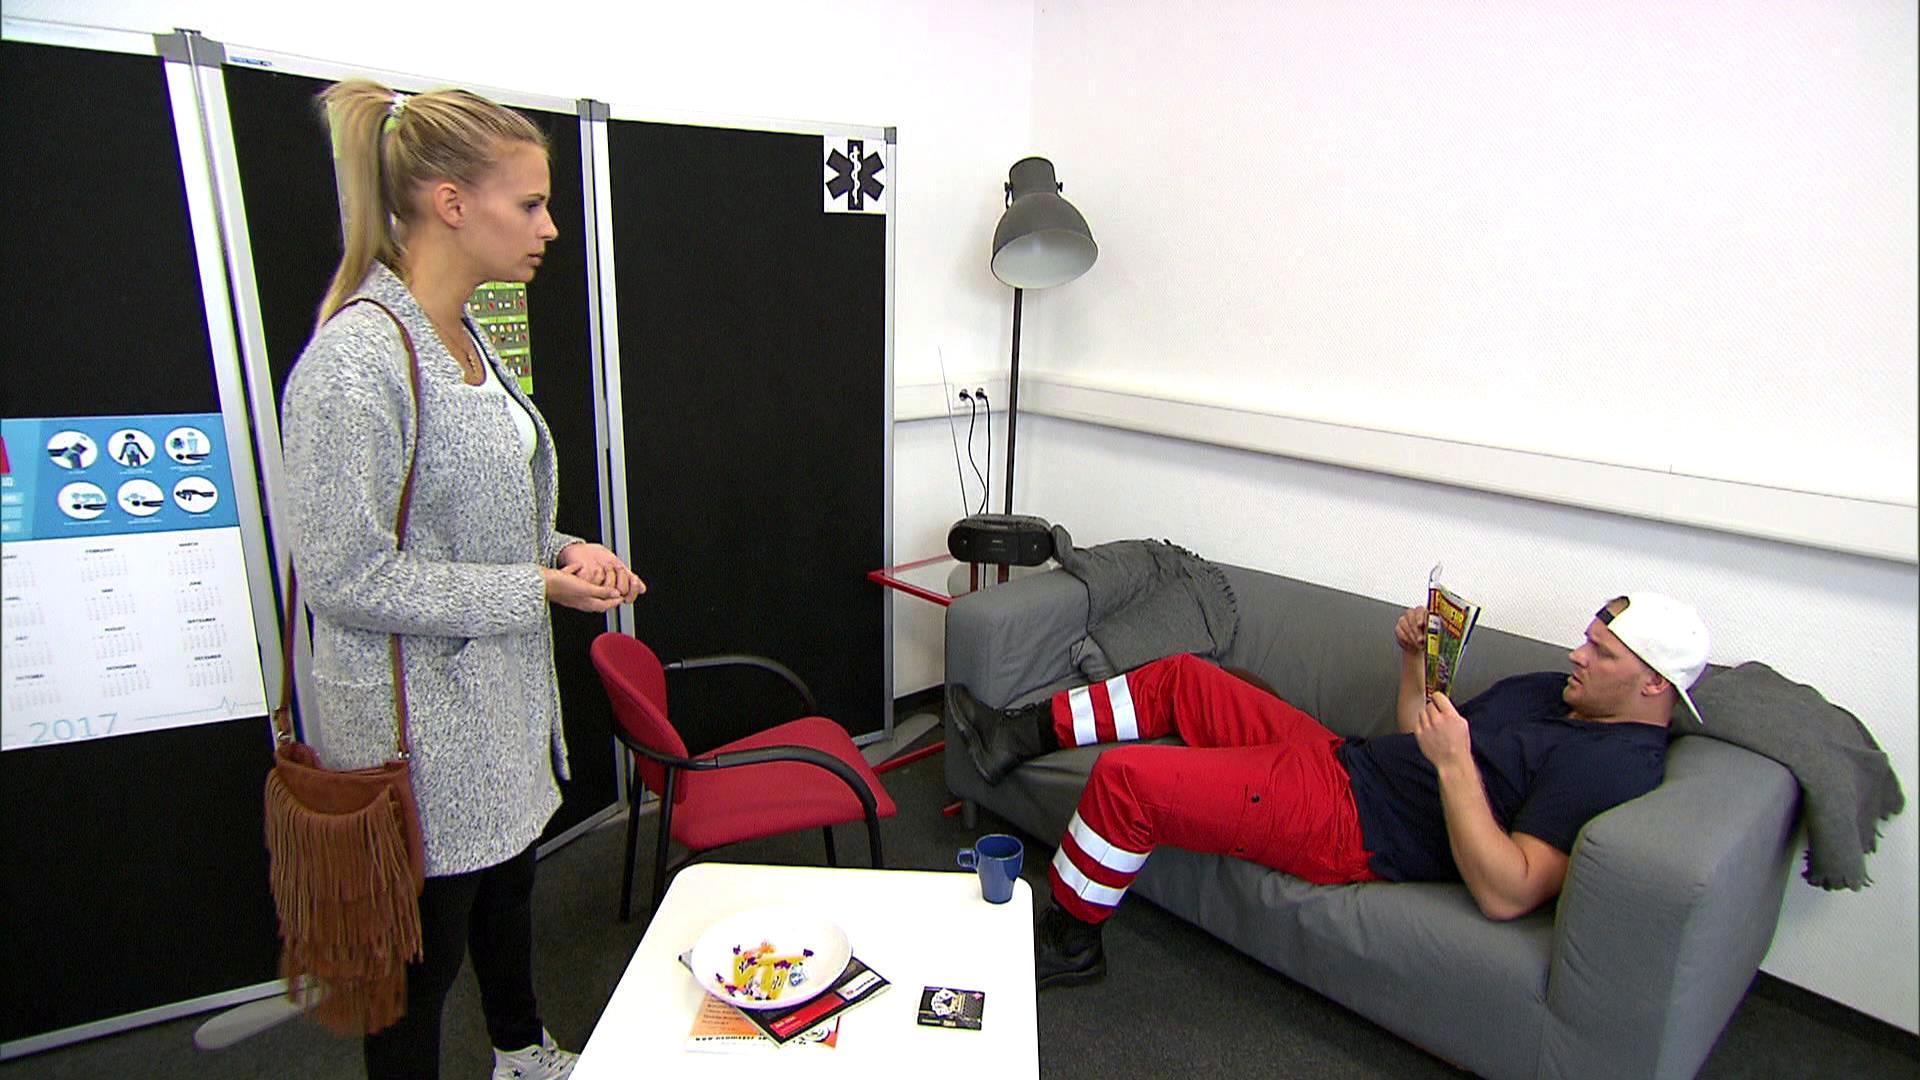 Jule (li.) wird von Lukas (re.) auf der Rettungswache zu einer unsinnigen Aufgabe verdonnert. (Quelle: RTL 2)